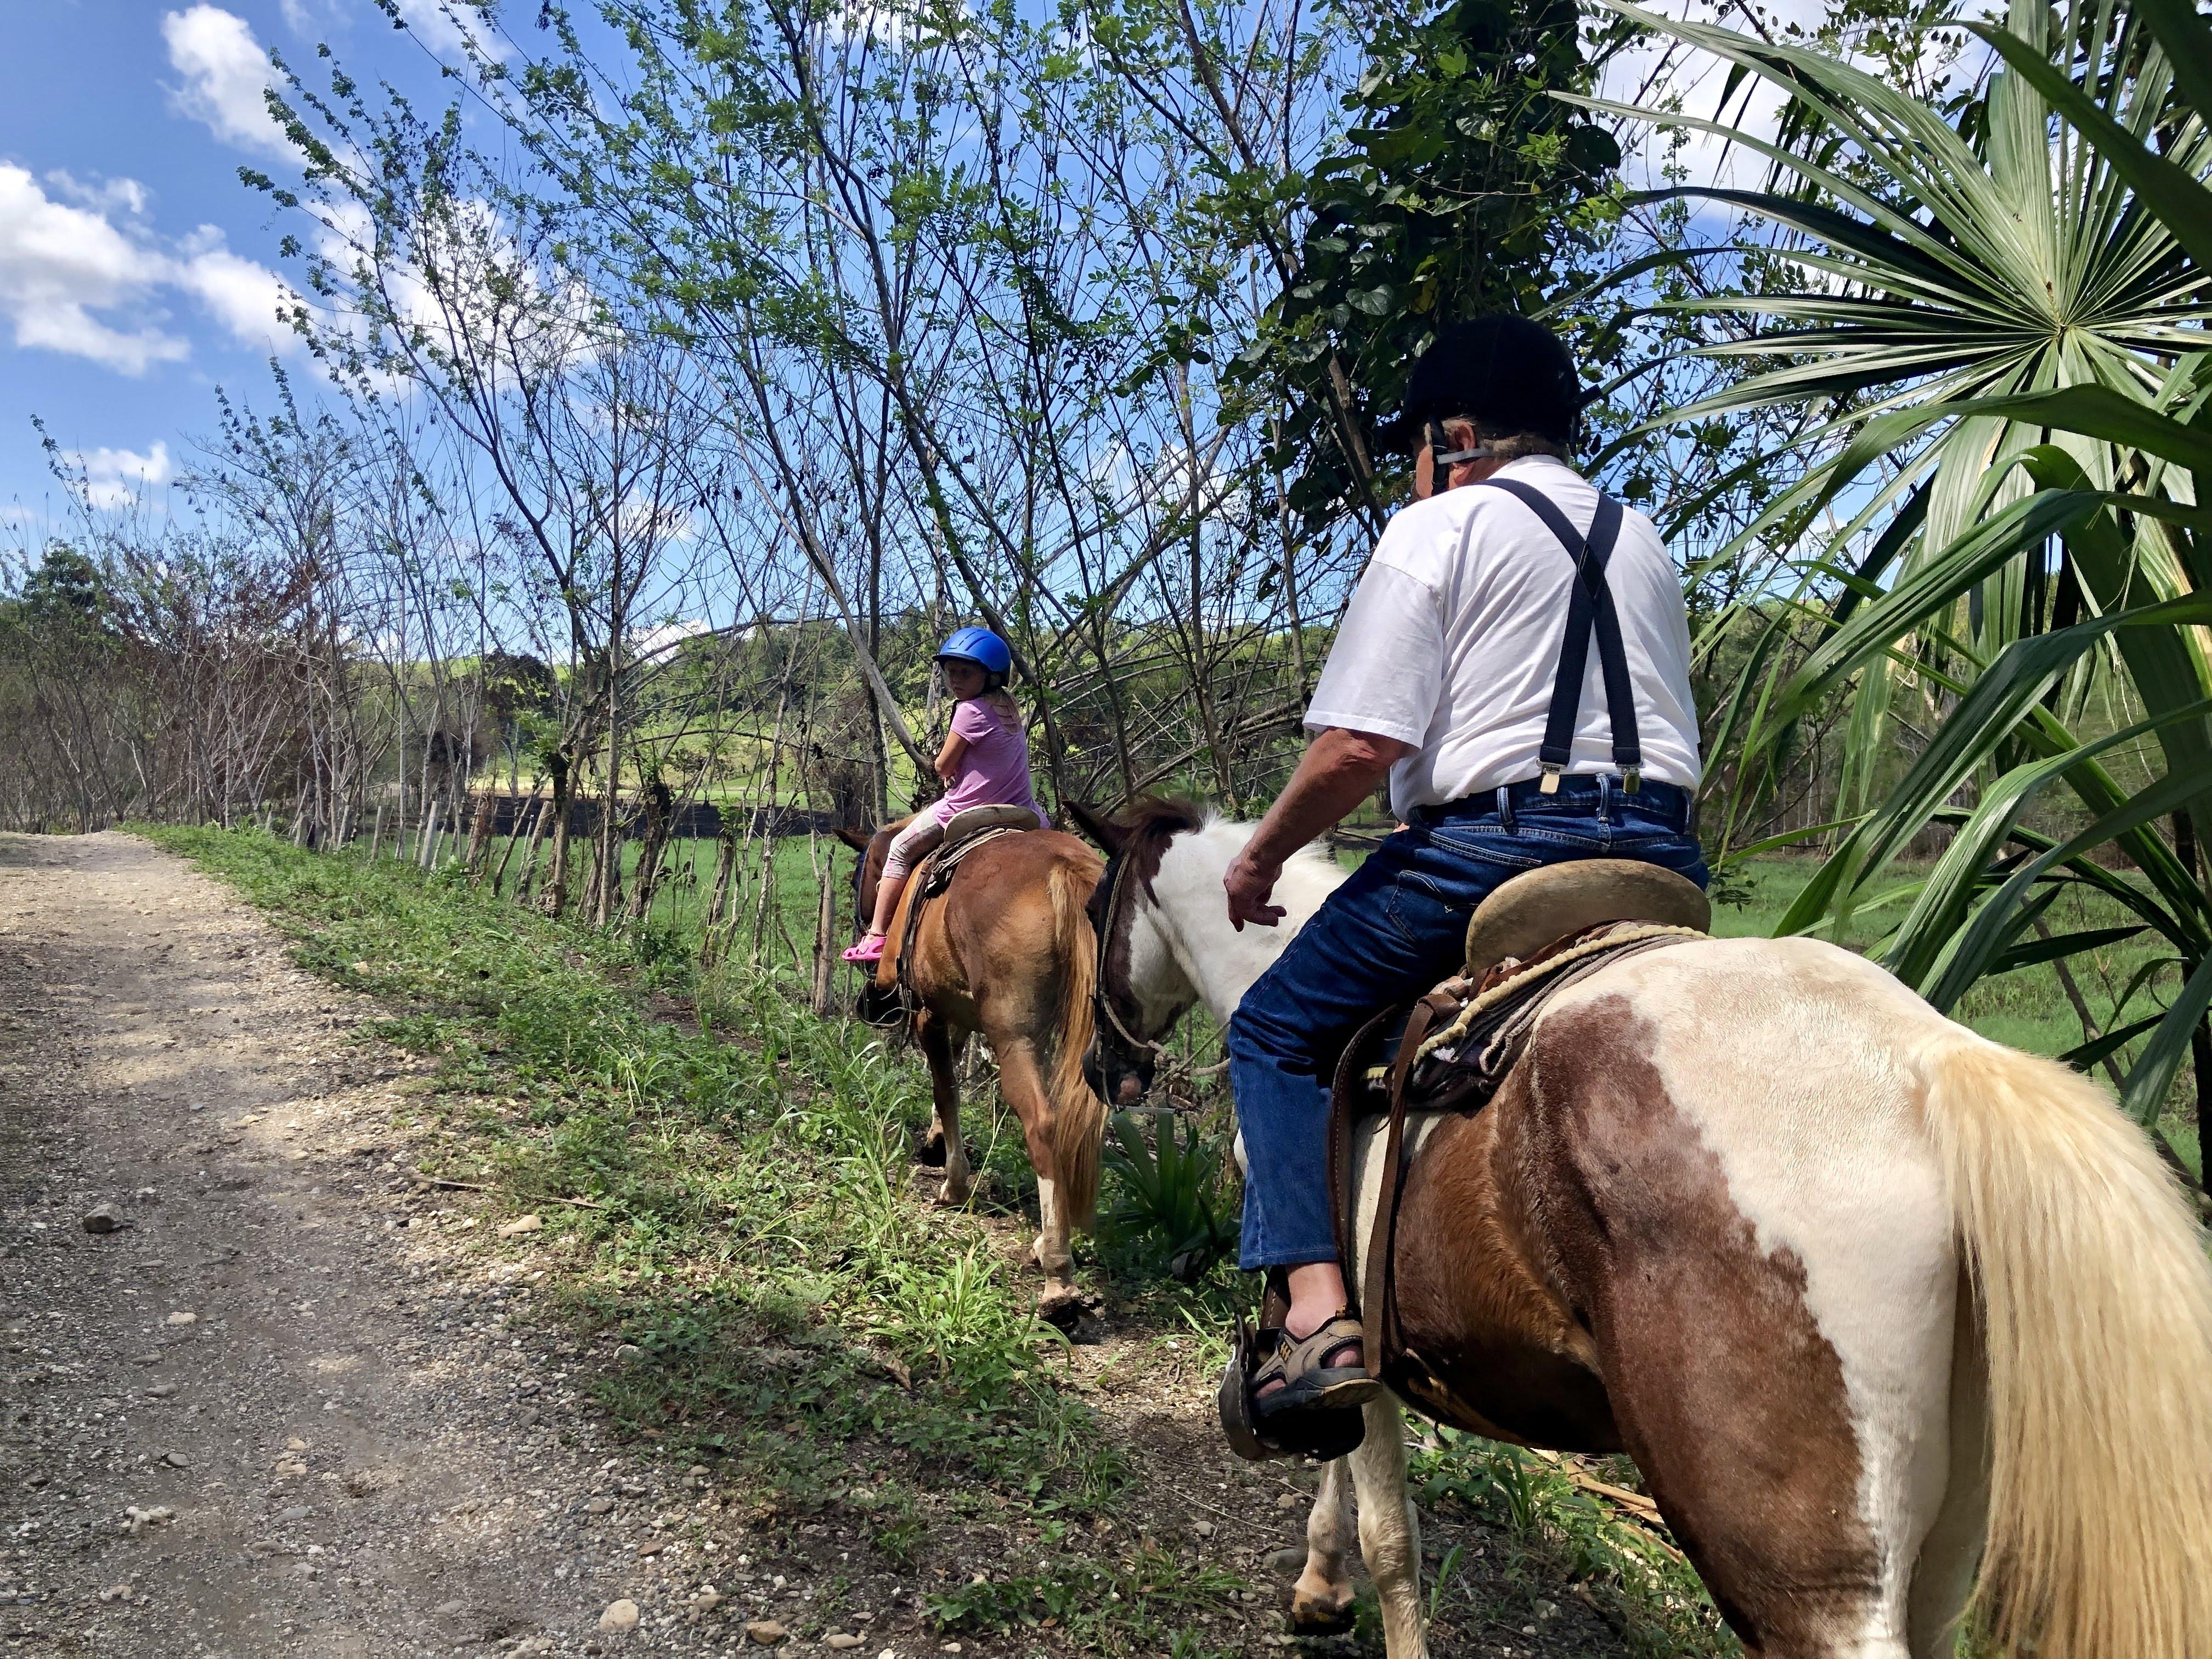 Lo and Grampsy horseback riding